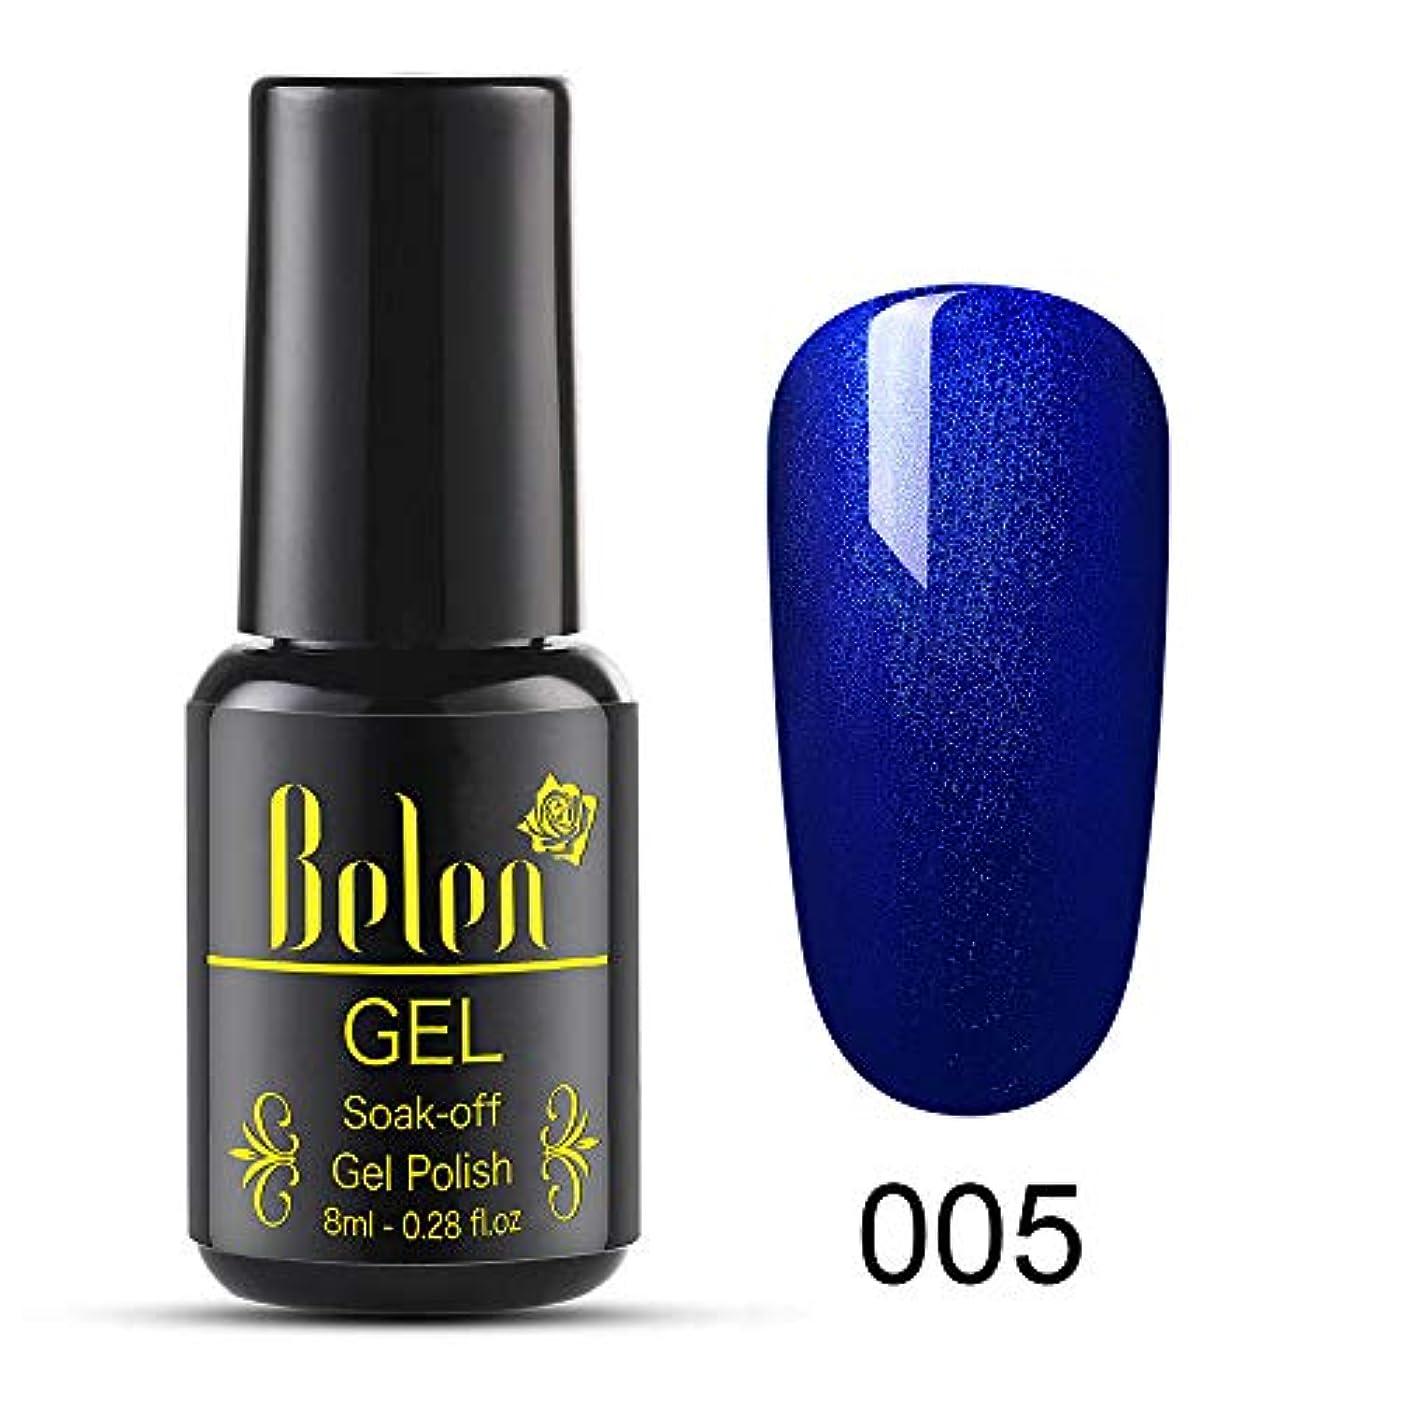 シャックル追放する種Belen ジェルネイル カラージェル 超長い蓋 塗りが便利 1色入り 8ml【全42色選択可】